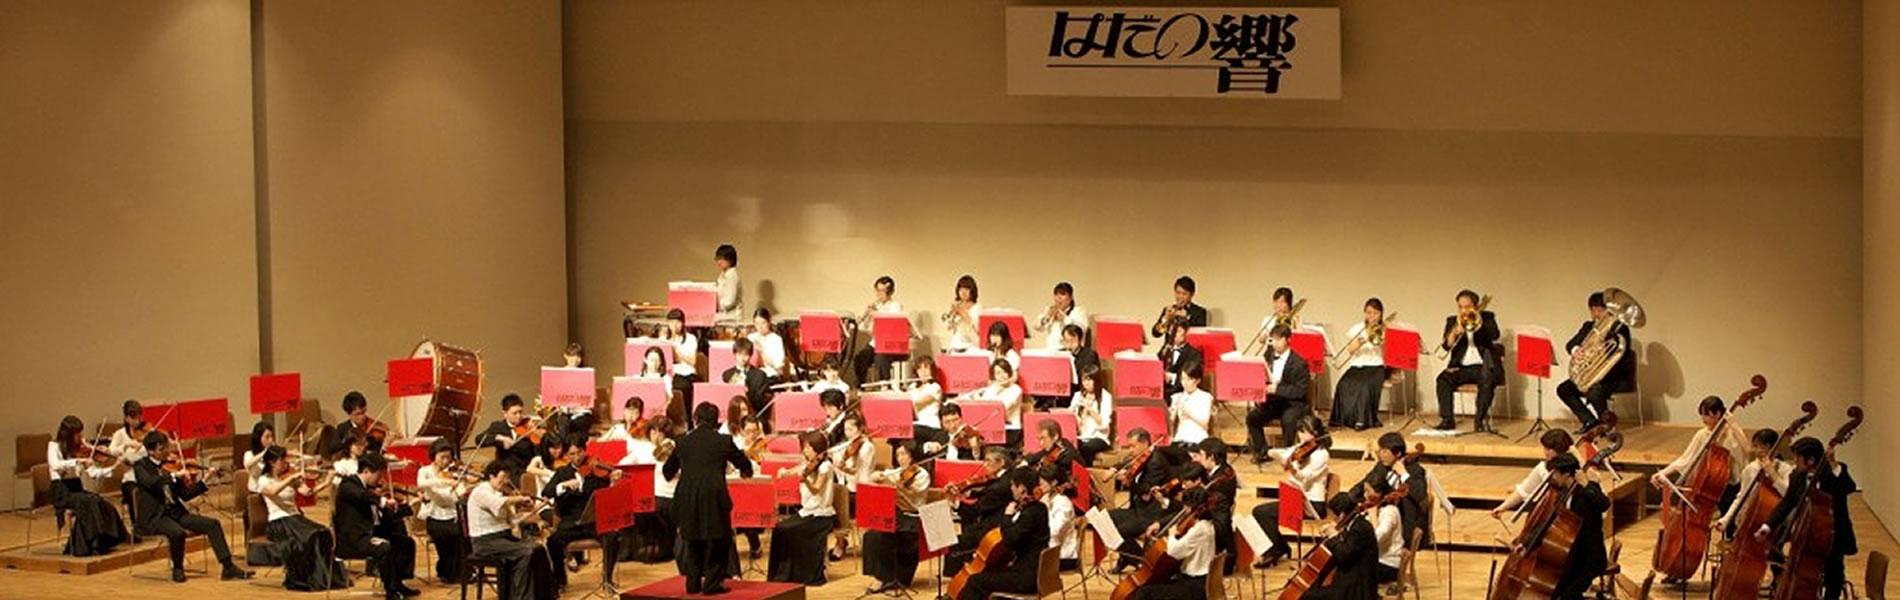 秦野市民交響楽団